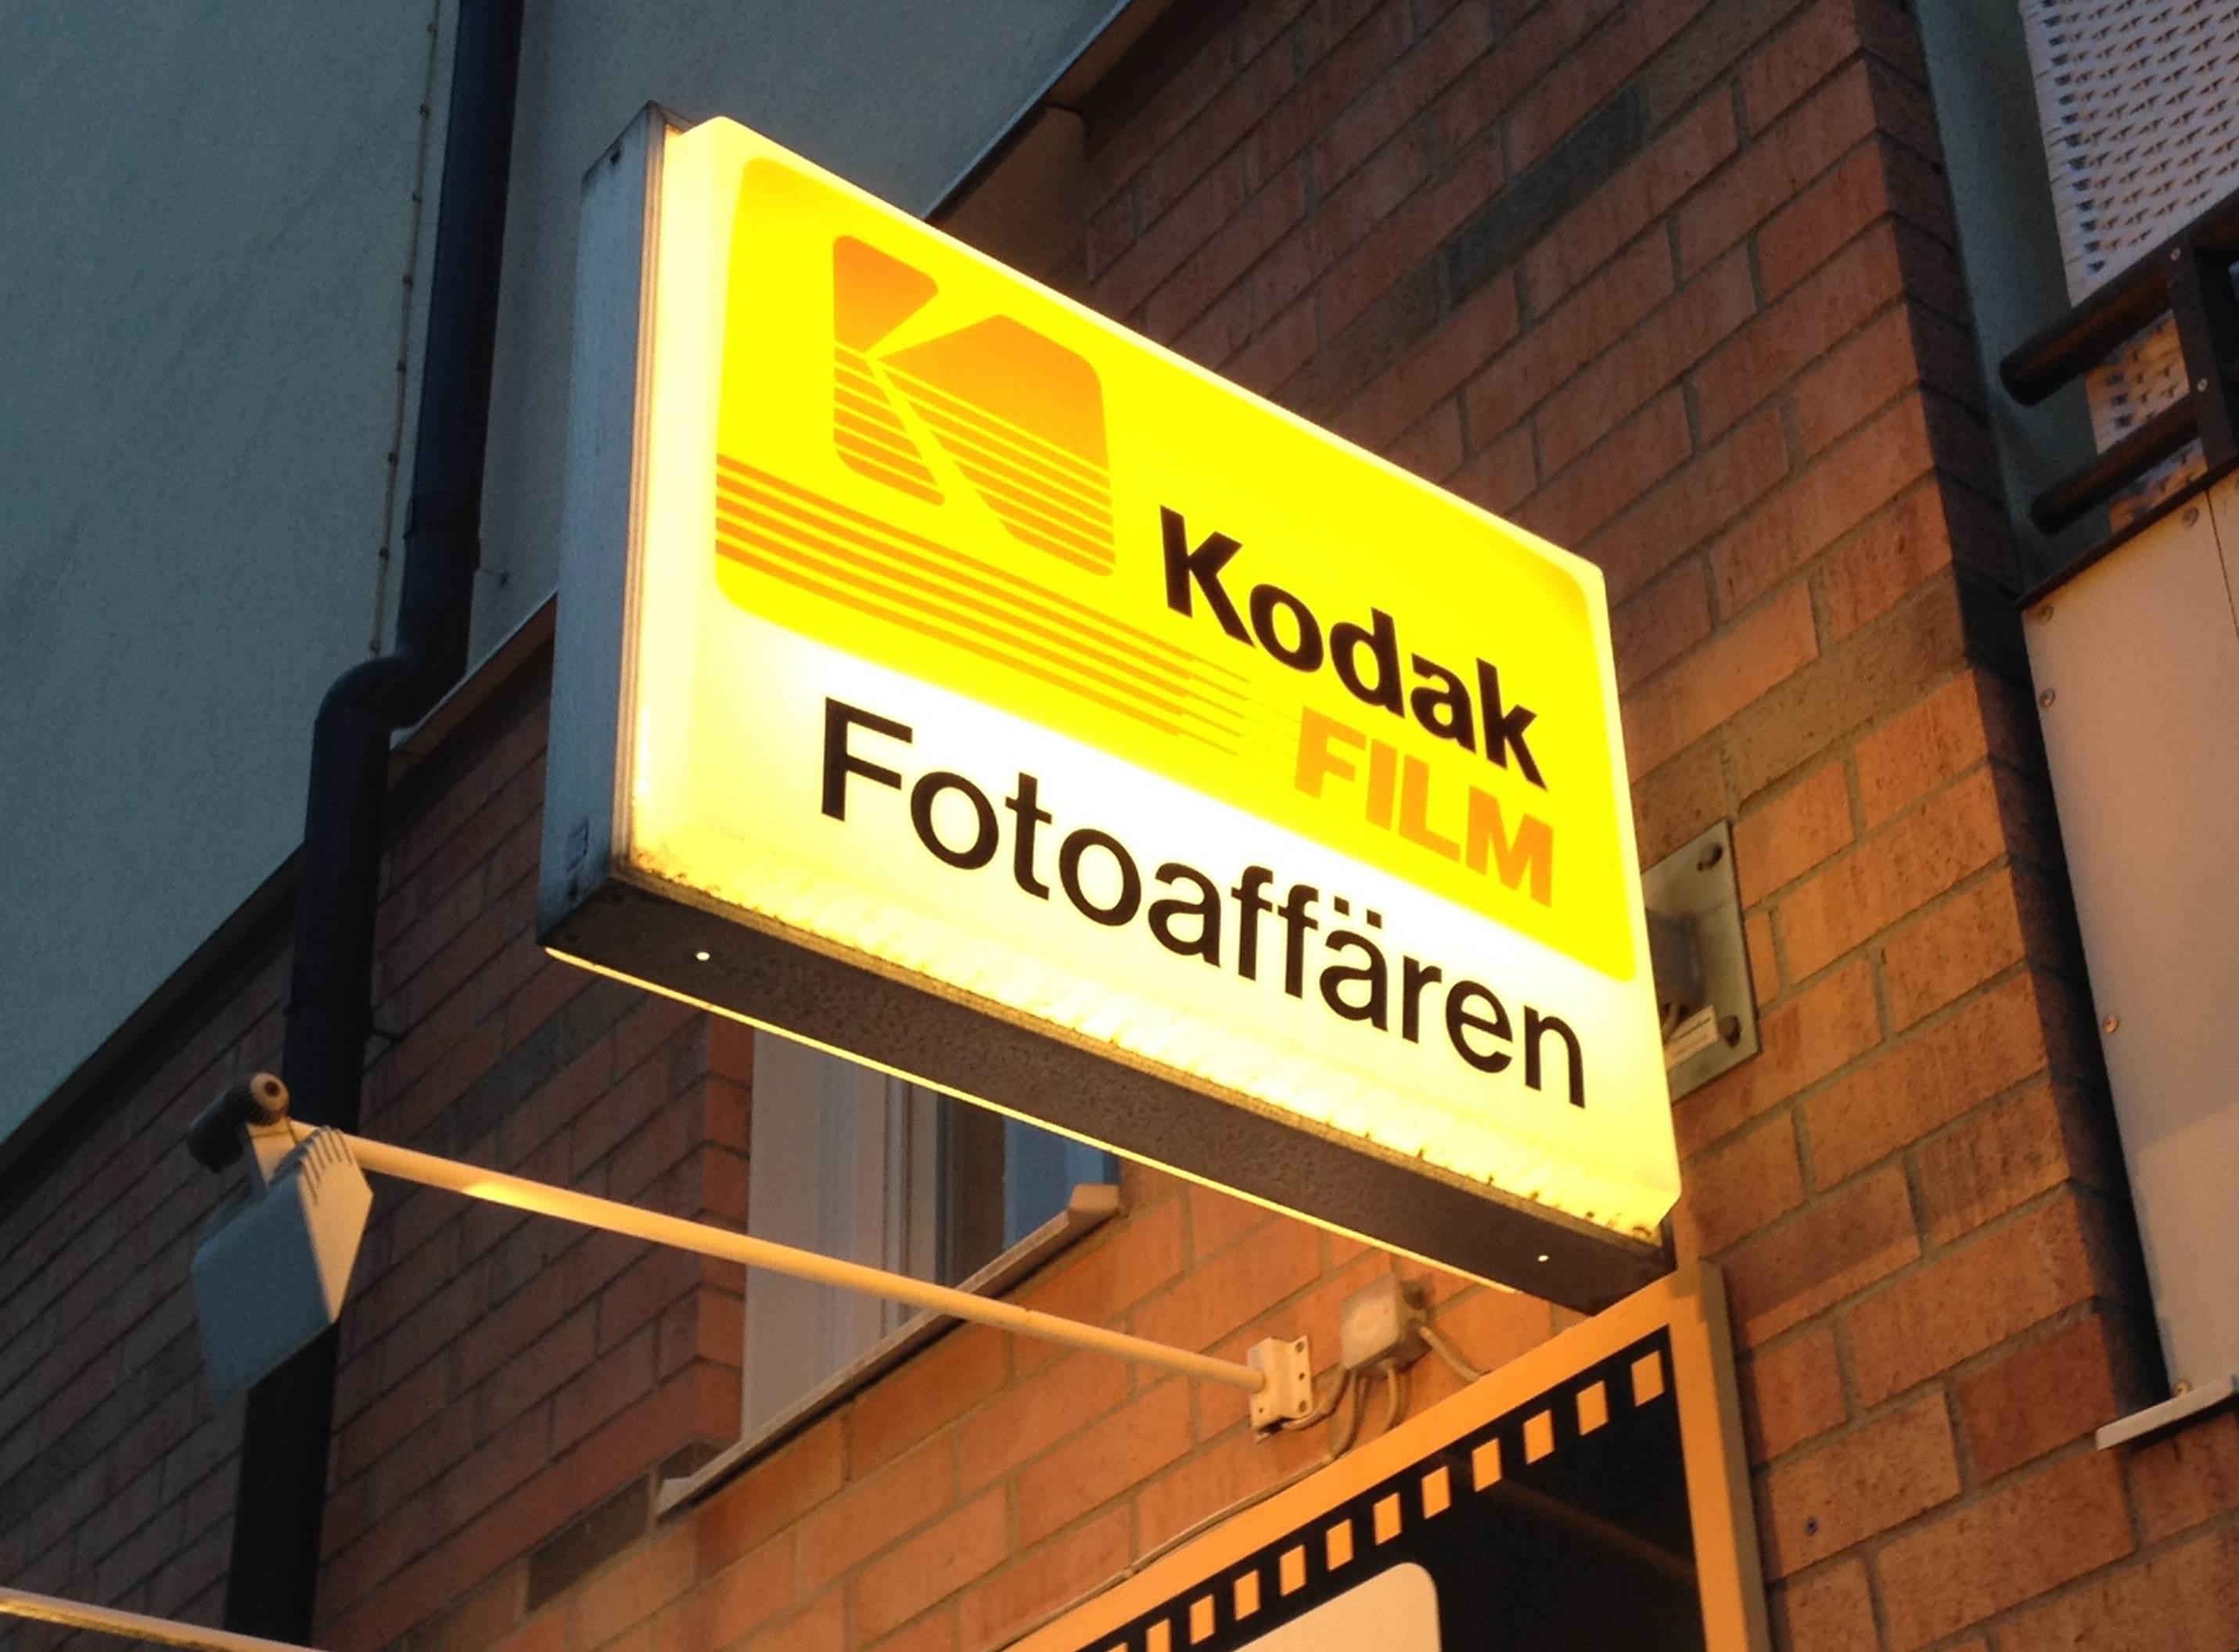 Kodak quote